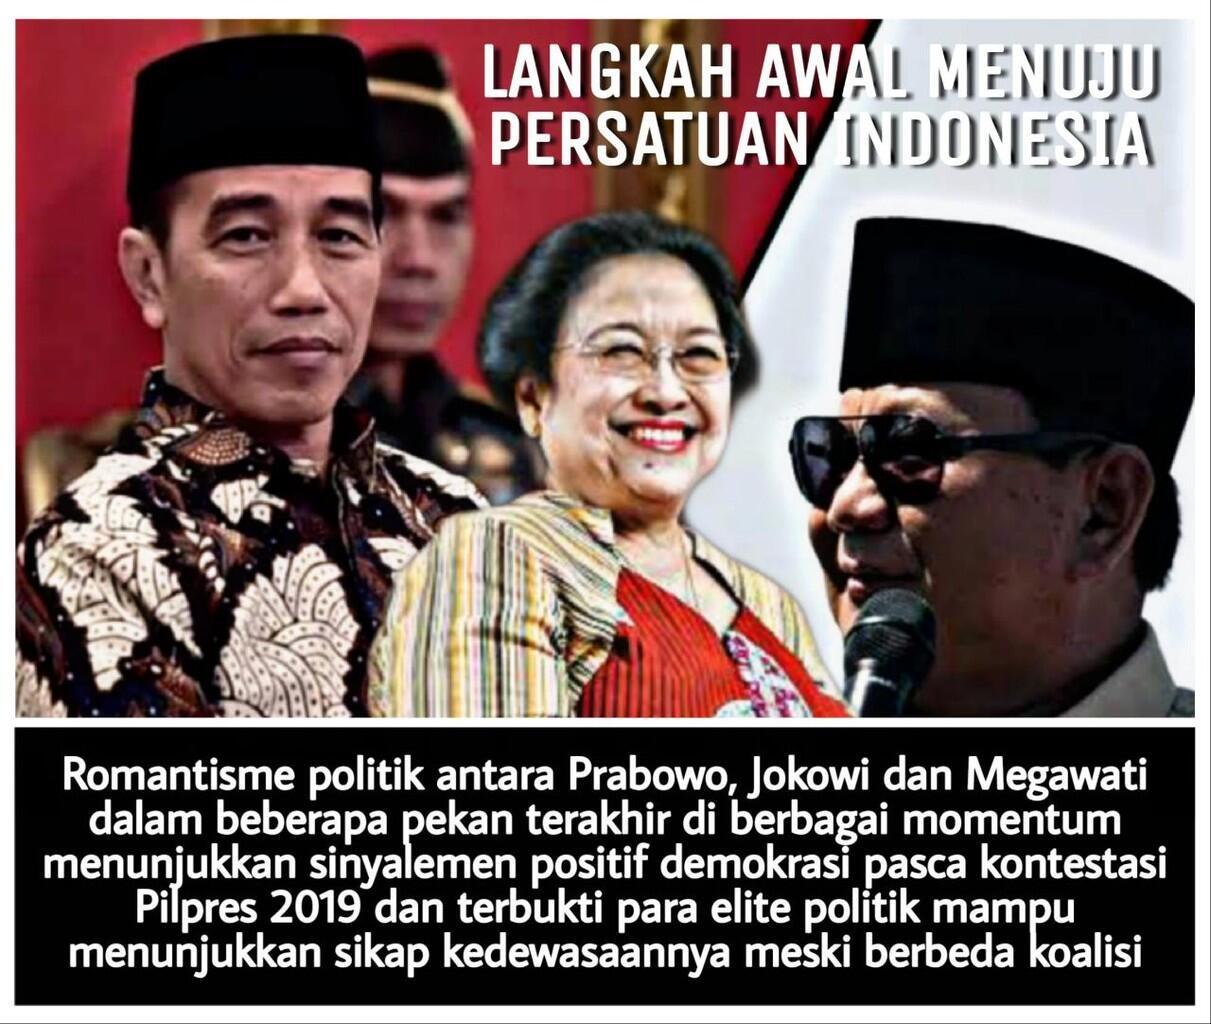 Pertemuan Prabowo, Megawati dan Jokowi, Inilah Romantisme Tokoh Bangsa Indonesia